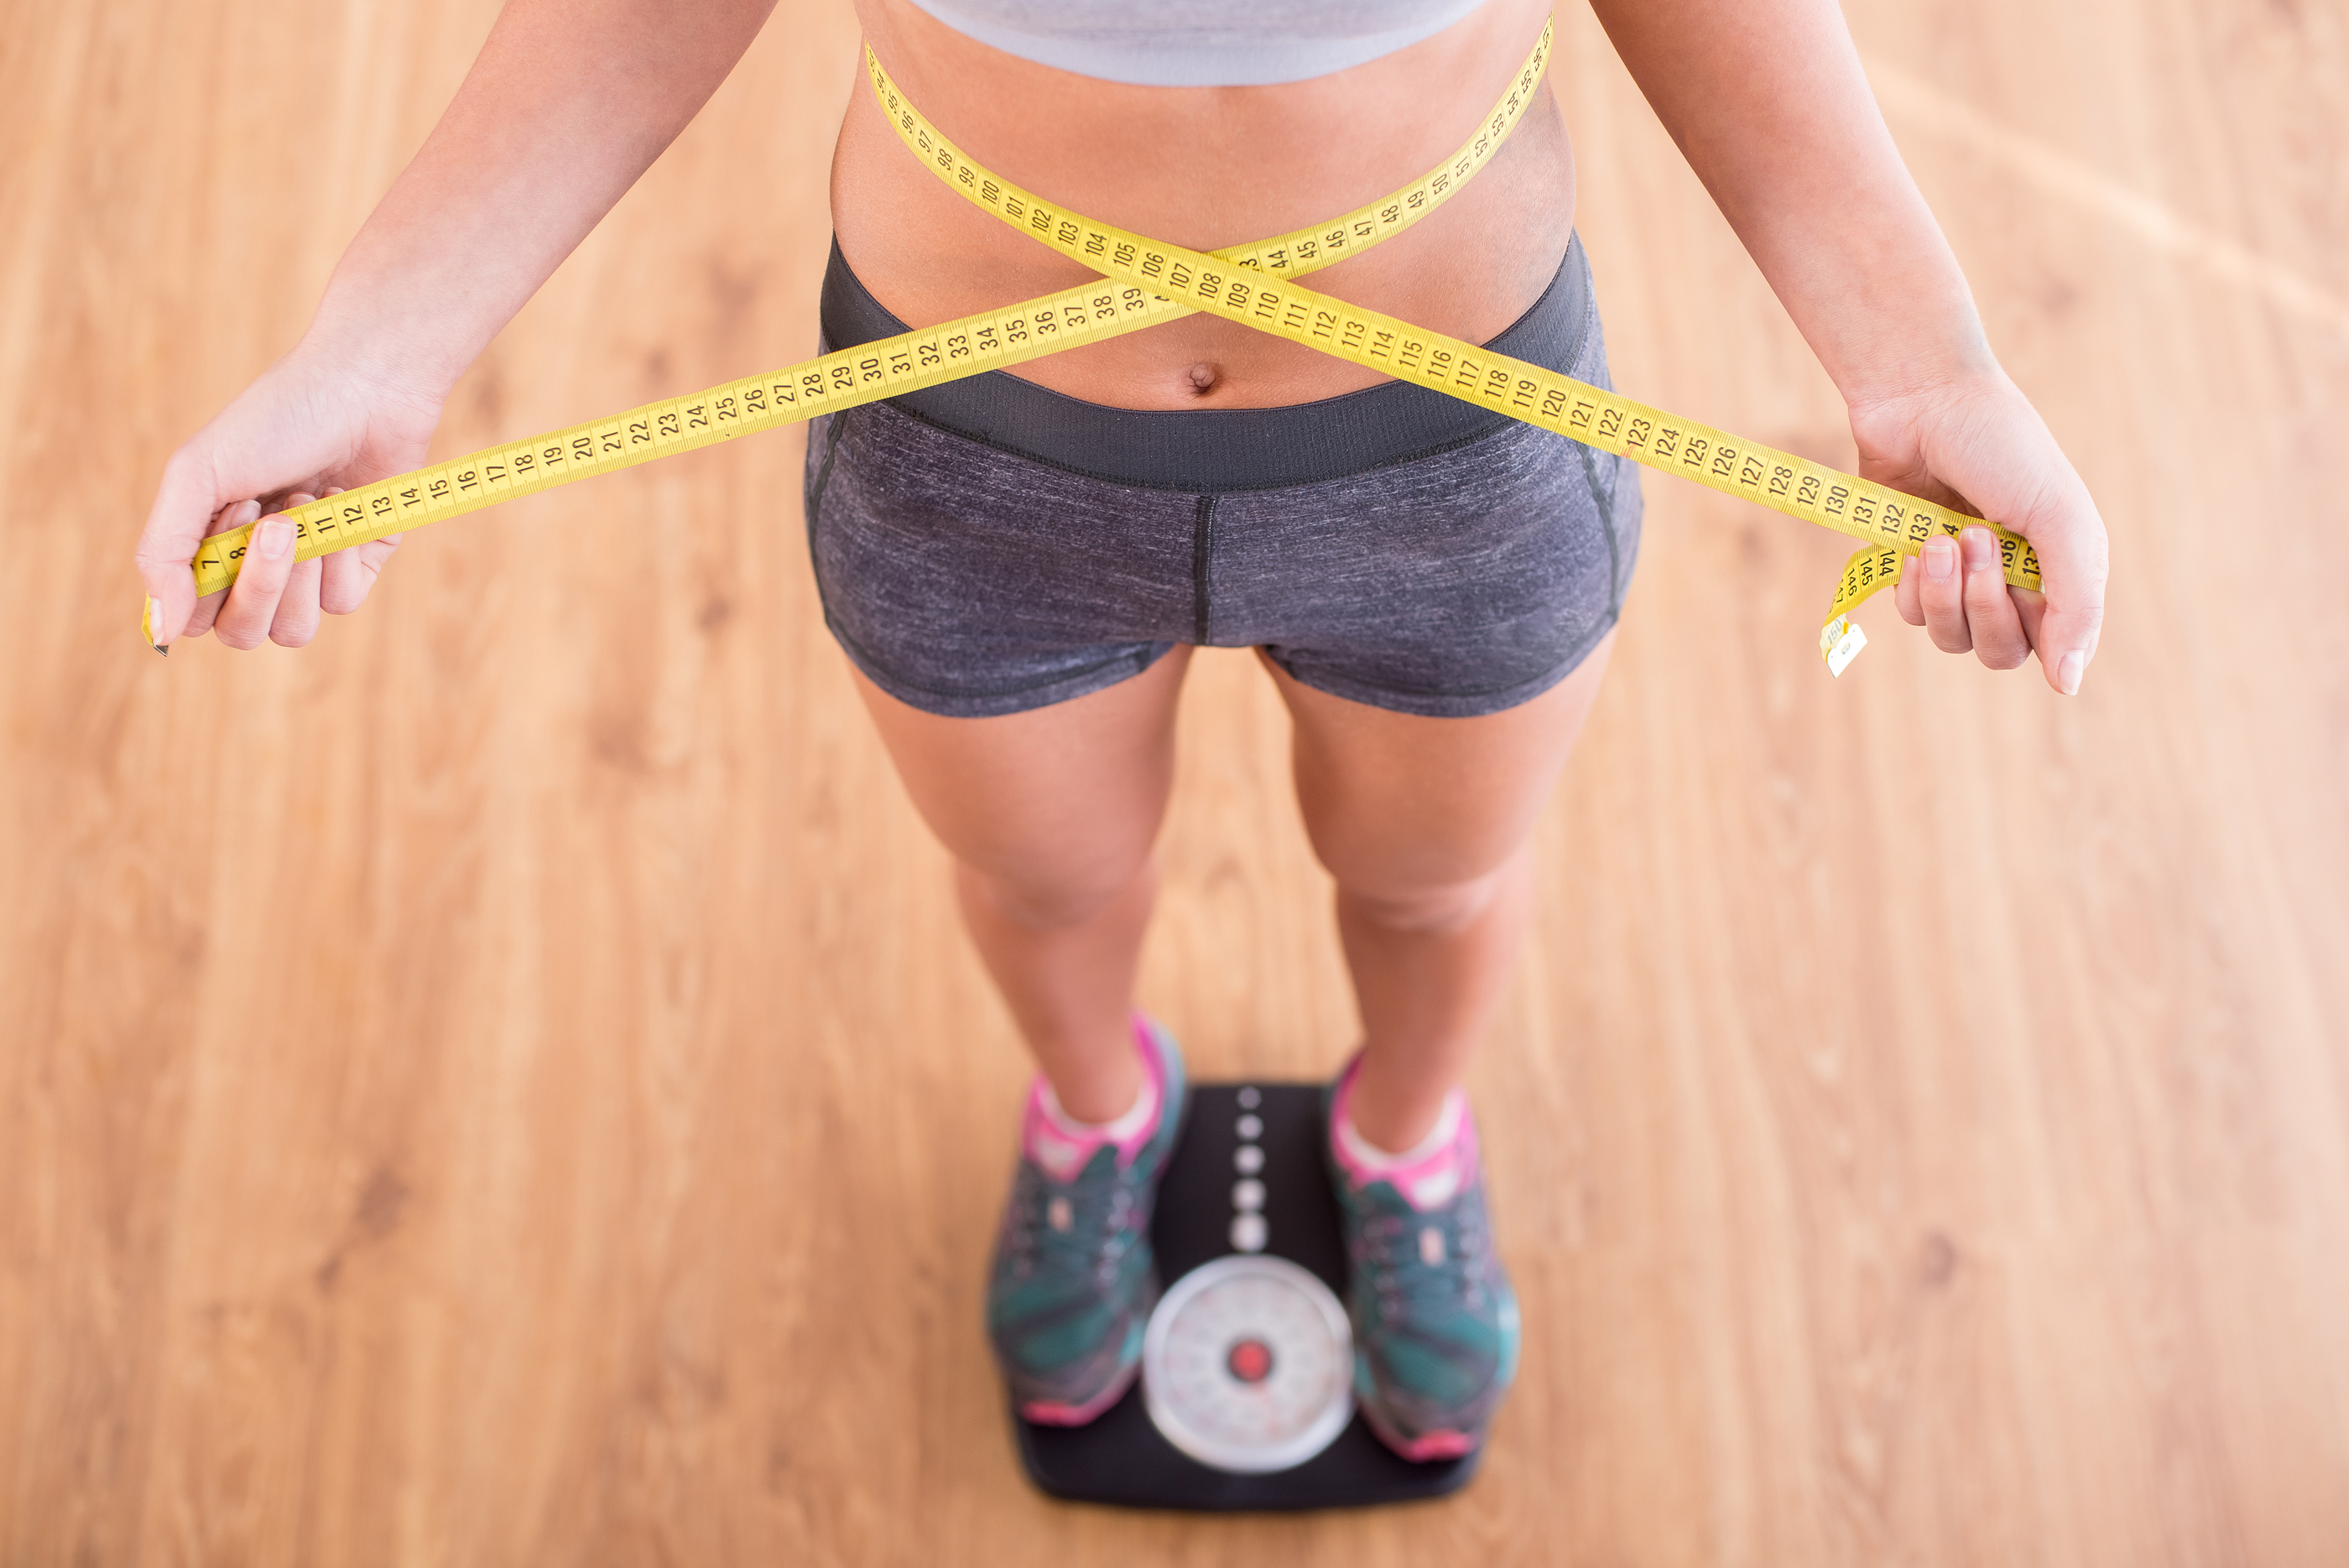 Простые Способы Сбросить Лишний Вес. 30 способов, как похудеть естественным способом без диеты и убрать живот без упражнений в домашних условиях